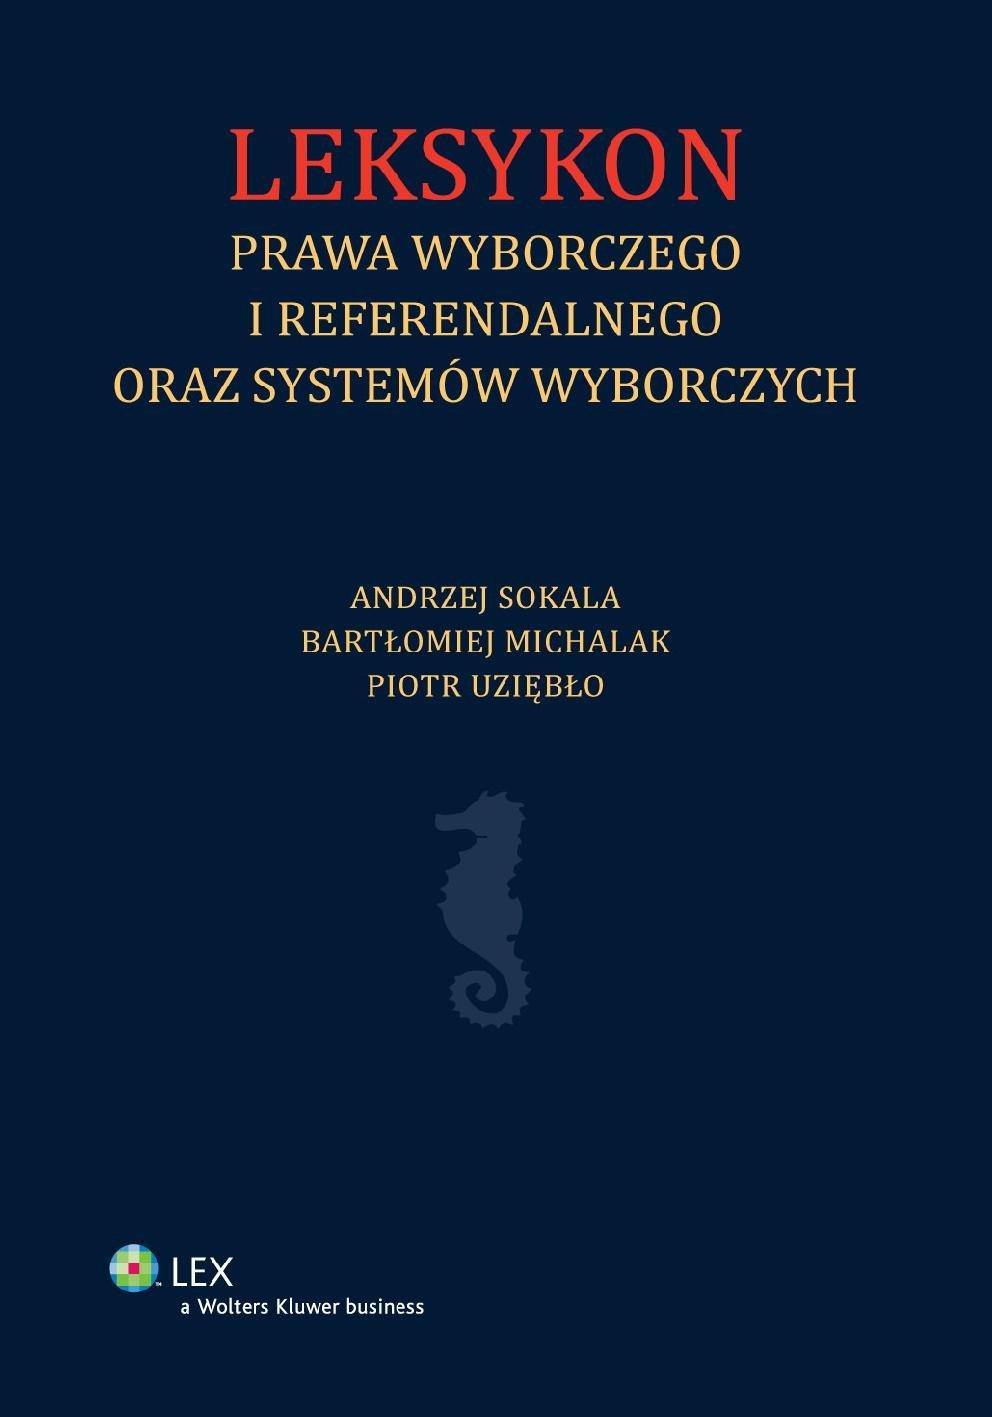 Leksykon prawa wyborczego i referendalnego oraz systemów wyborczych - Ebook (Książka PDF) do pobrania w formacie PDF